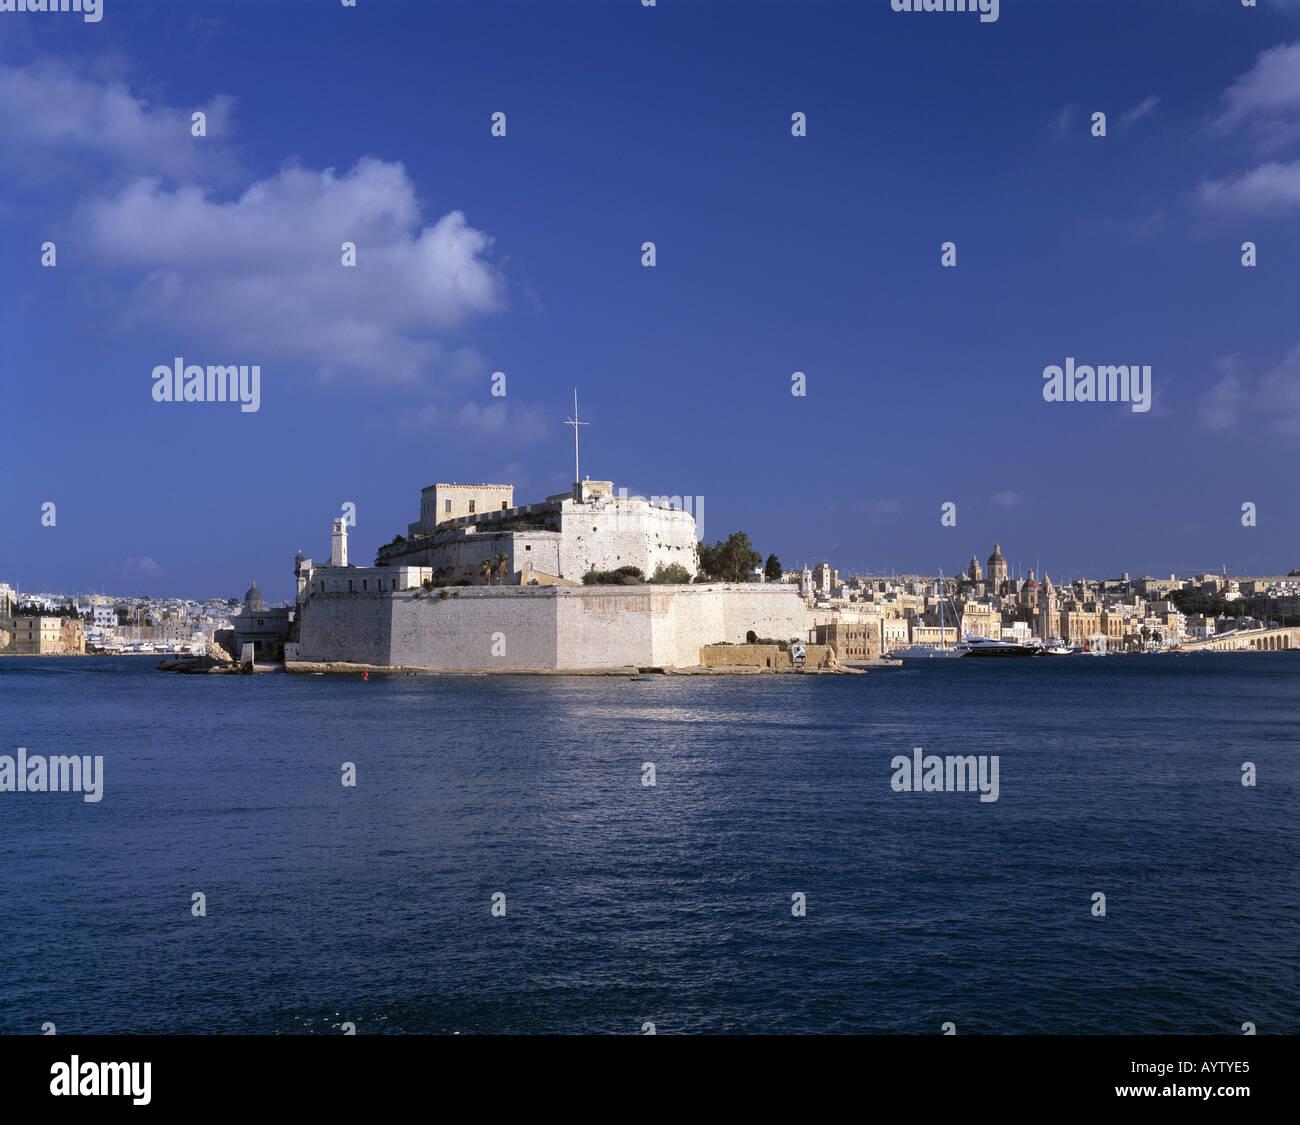 Blick auf die Befestigungsanlage von Vittoriosa mit Fort St. Angelo, Valletta, Malta - Stock Image